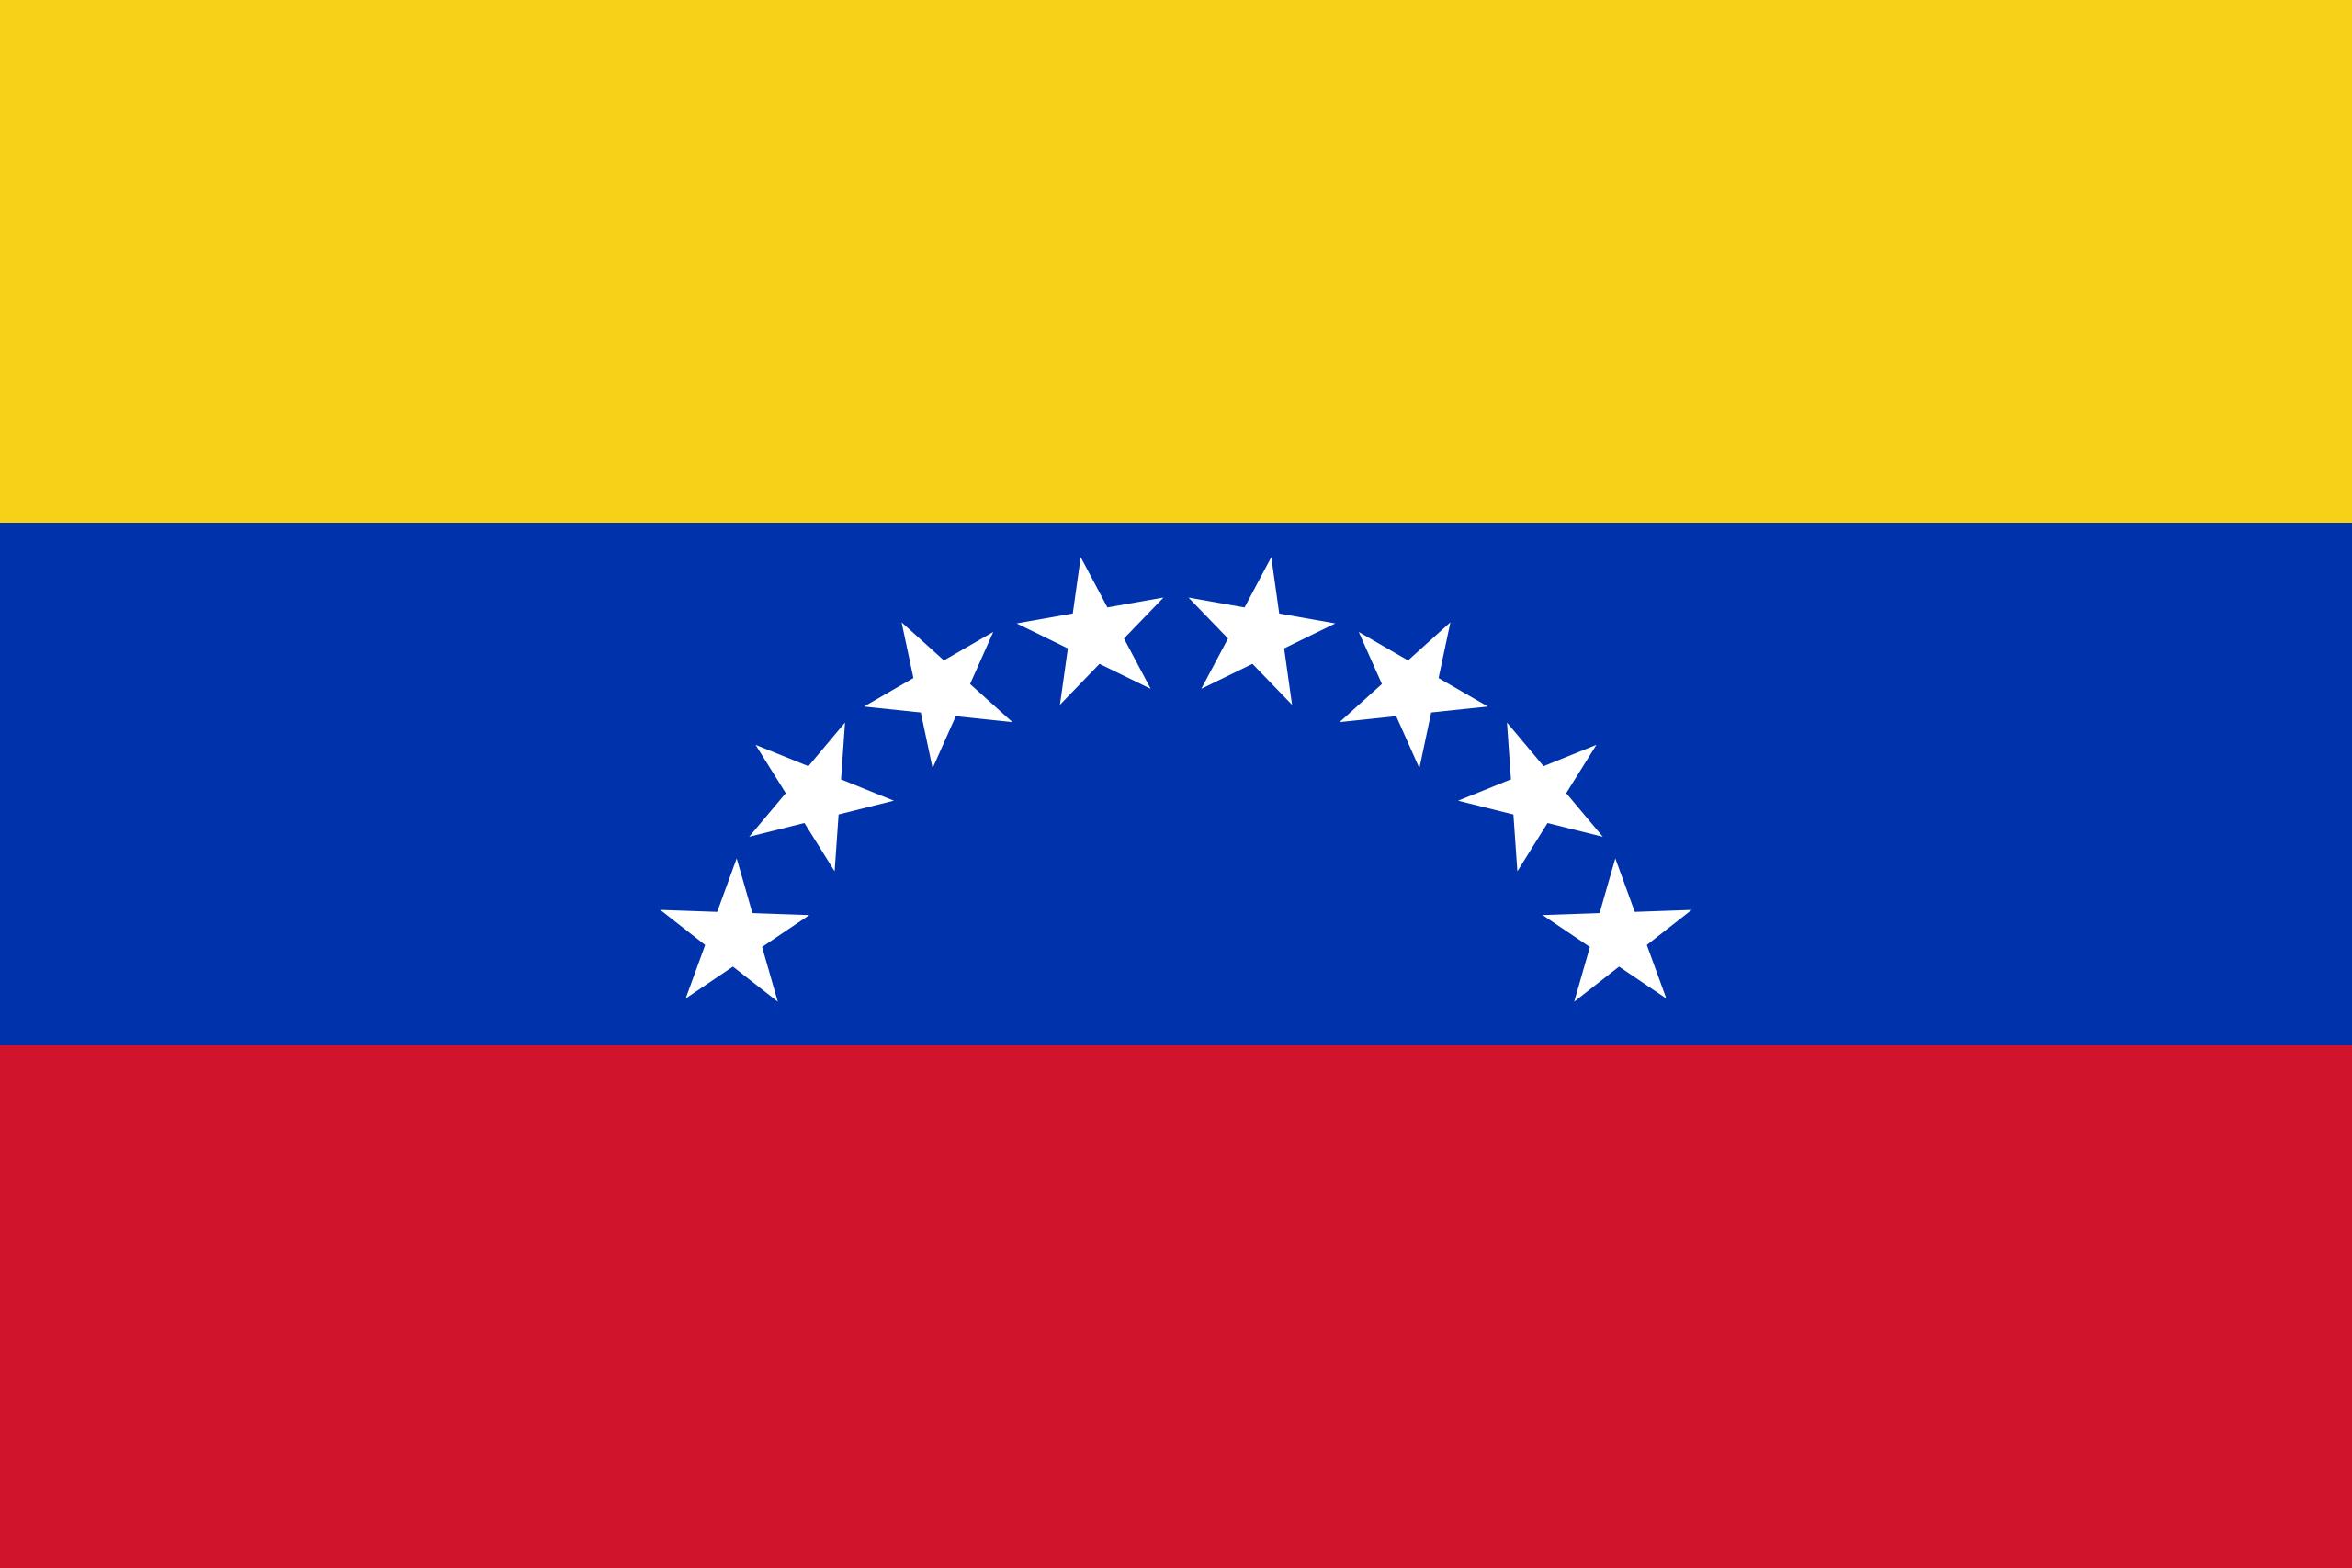 委内瑞拉, 国家, 会徽, 徽标, 符号 - 高清壁纸 - 教授-falken.com